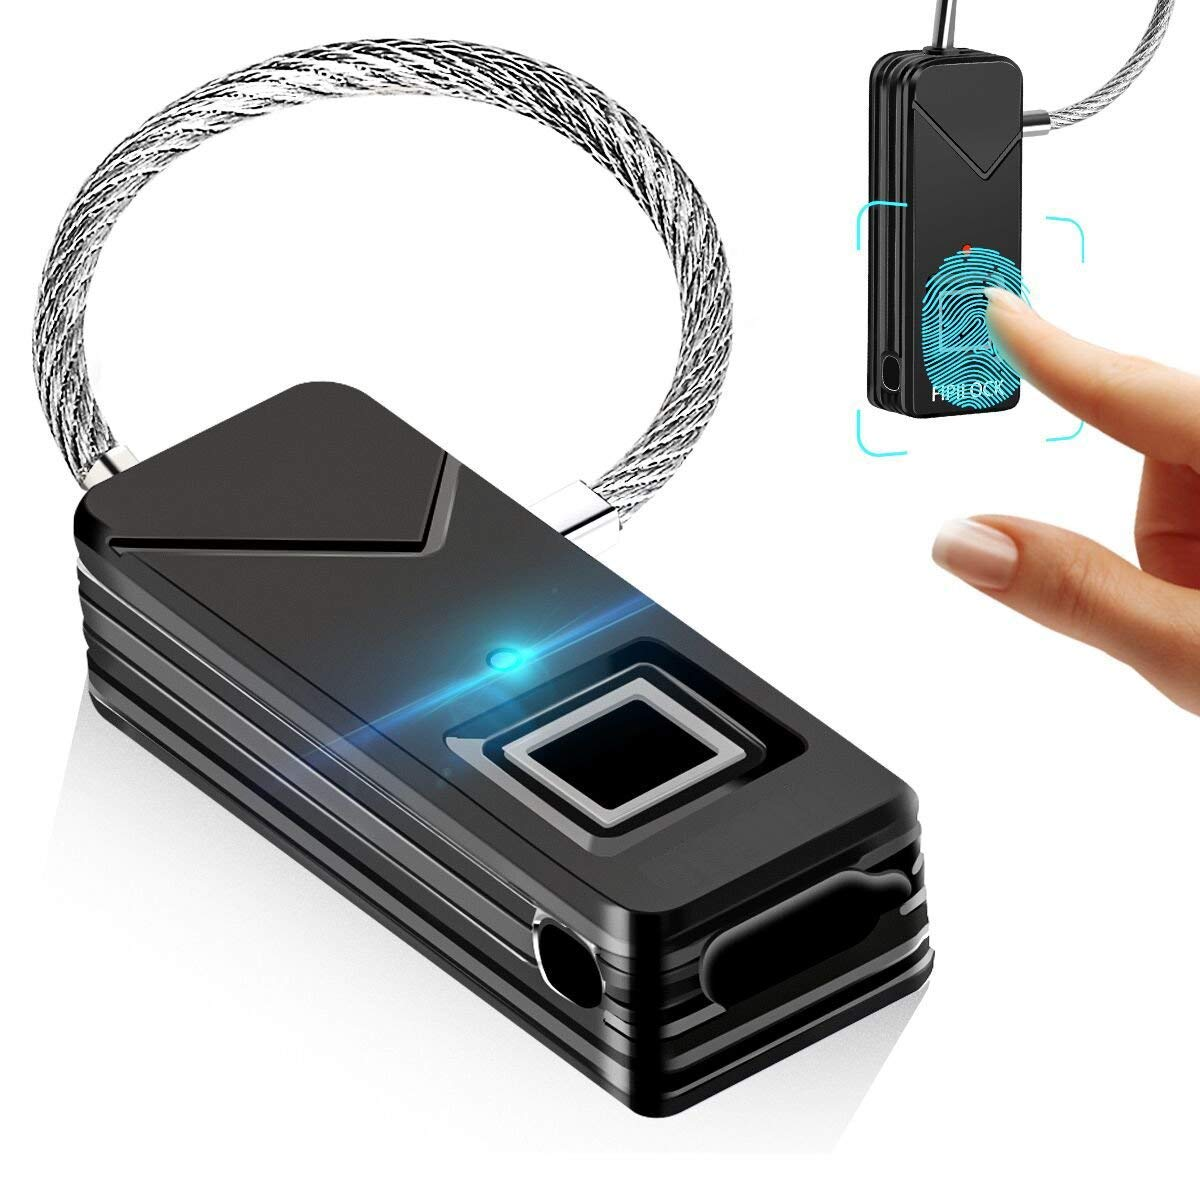 ZN% Z store fingerprint lock, sin contraseña bloqueo de seguridad portátil, 360 ° touch 1 segundo fast, maleta de desbloqueo a prueba de agua ligera, ...